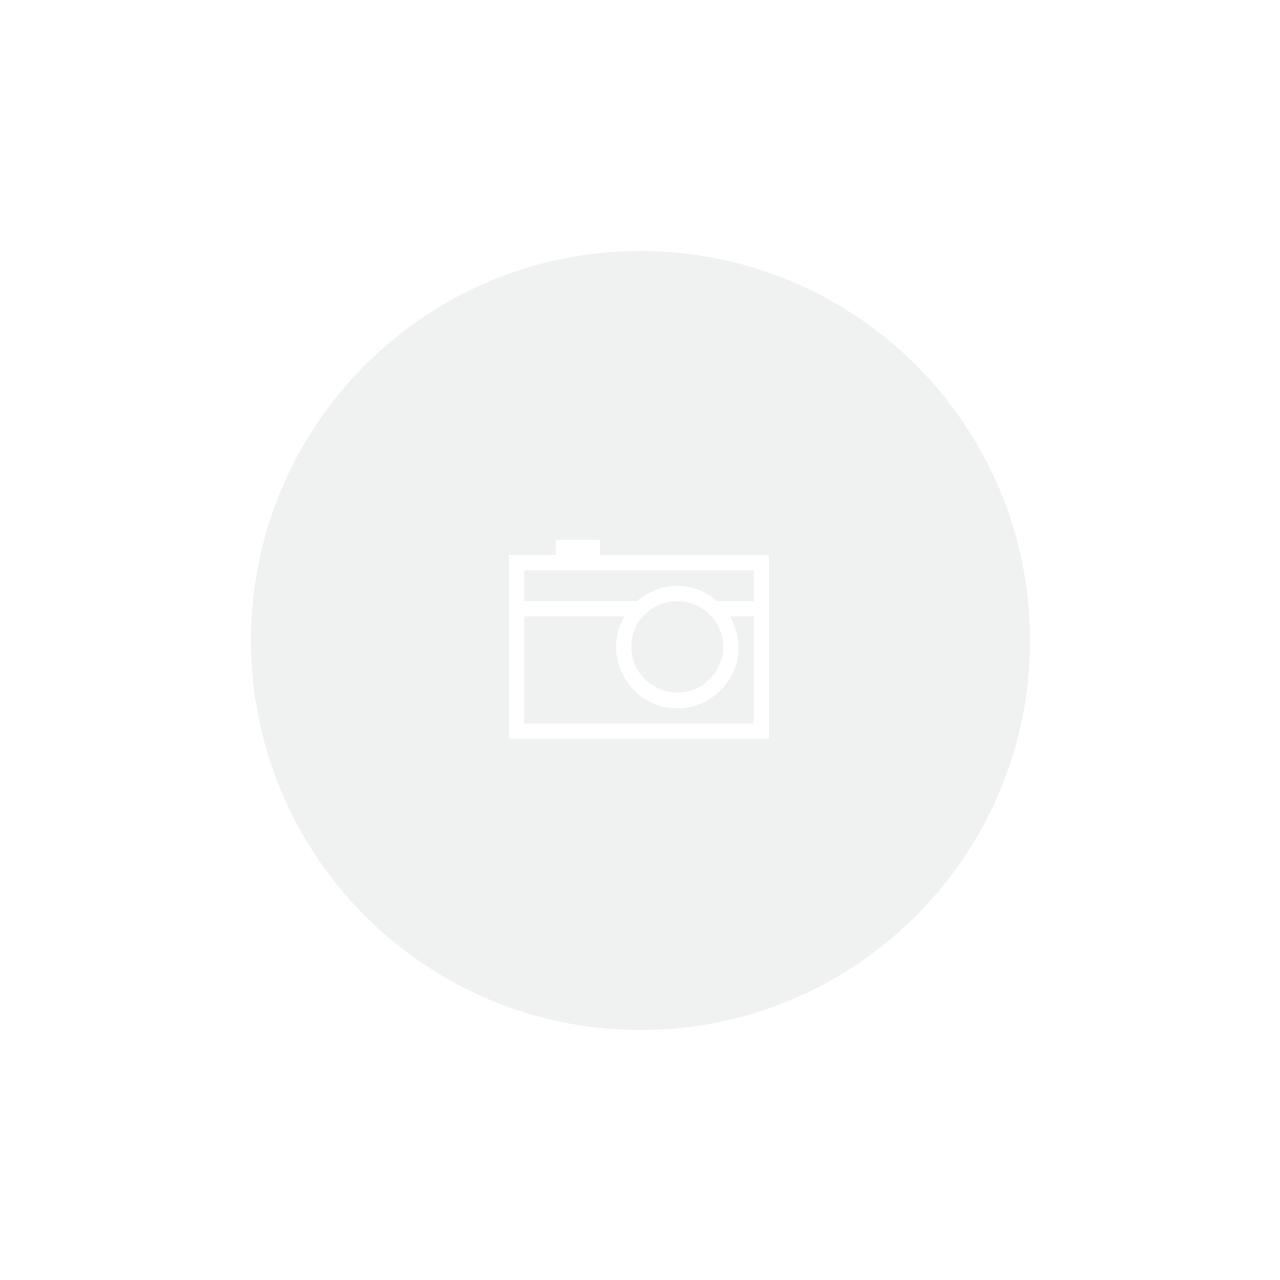 Perini Suco de Uva Integral Tinto 500 mL